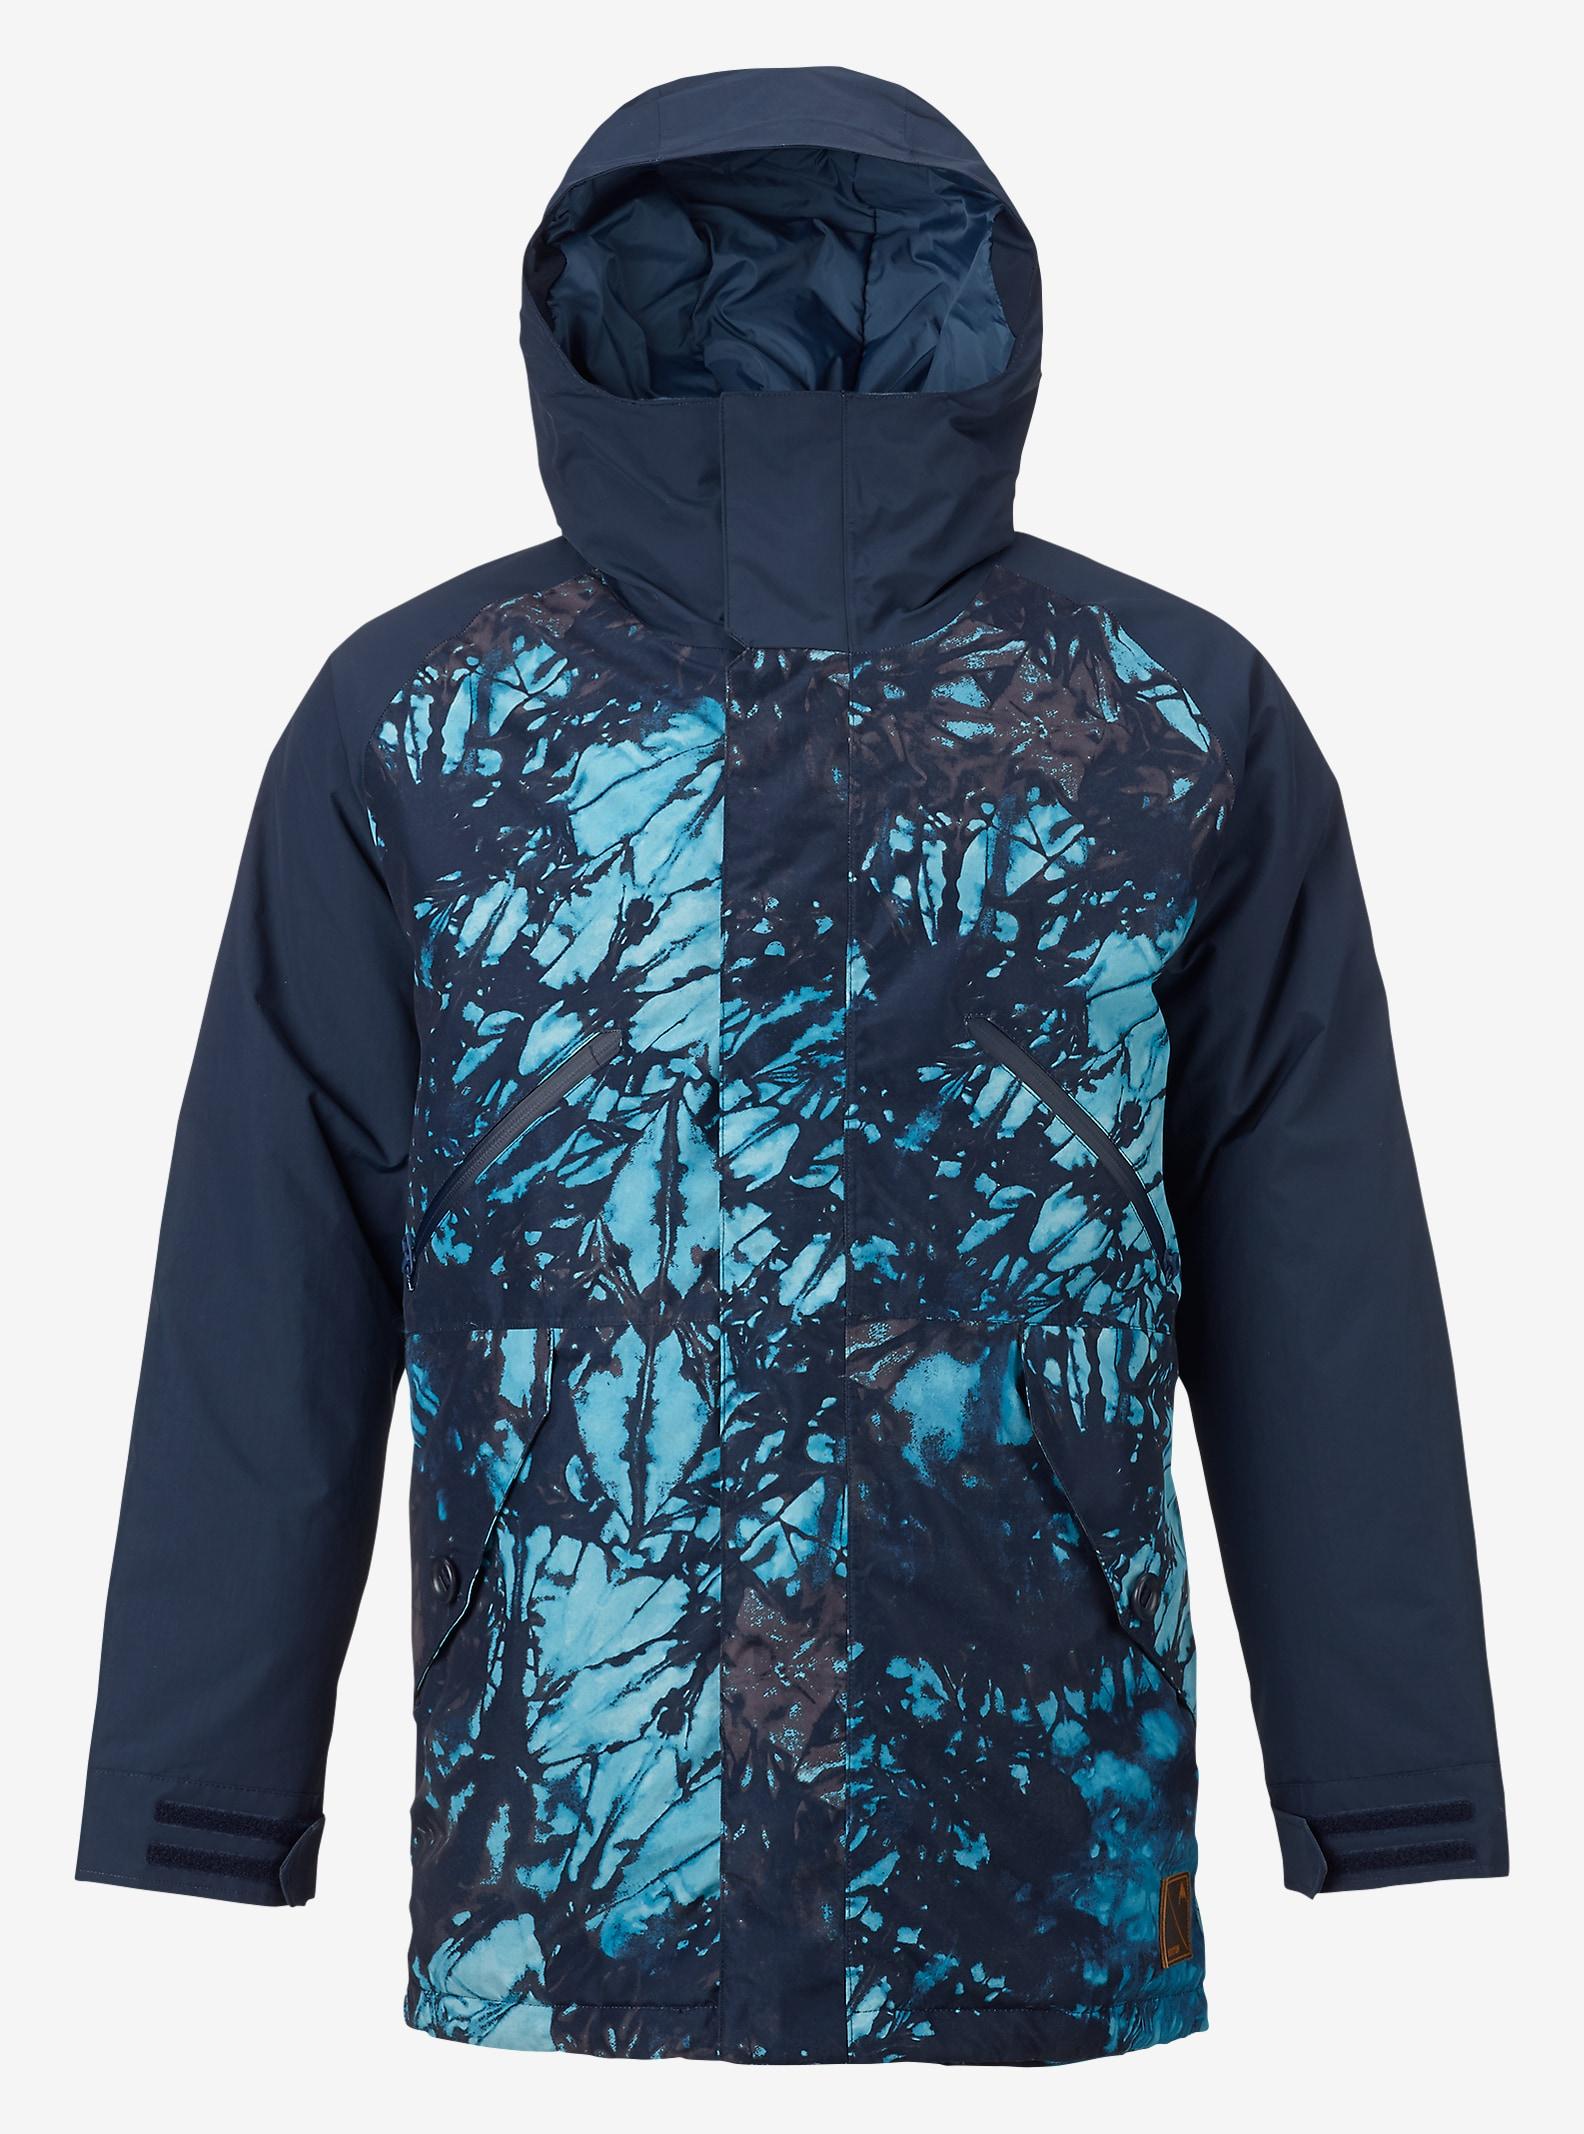 Burton Breach Jacket shown in Eclipse Tie Dye Trench / Eclipse